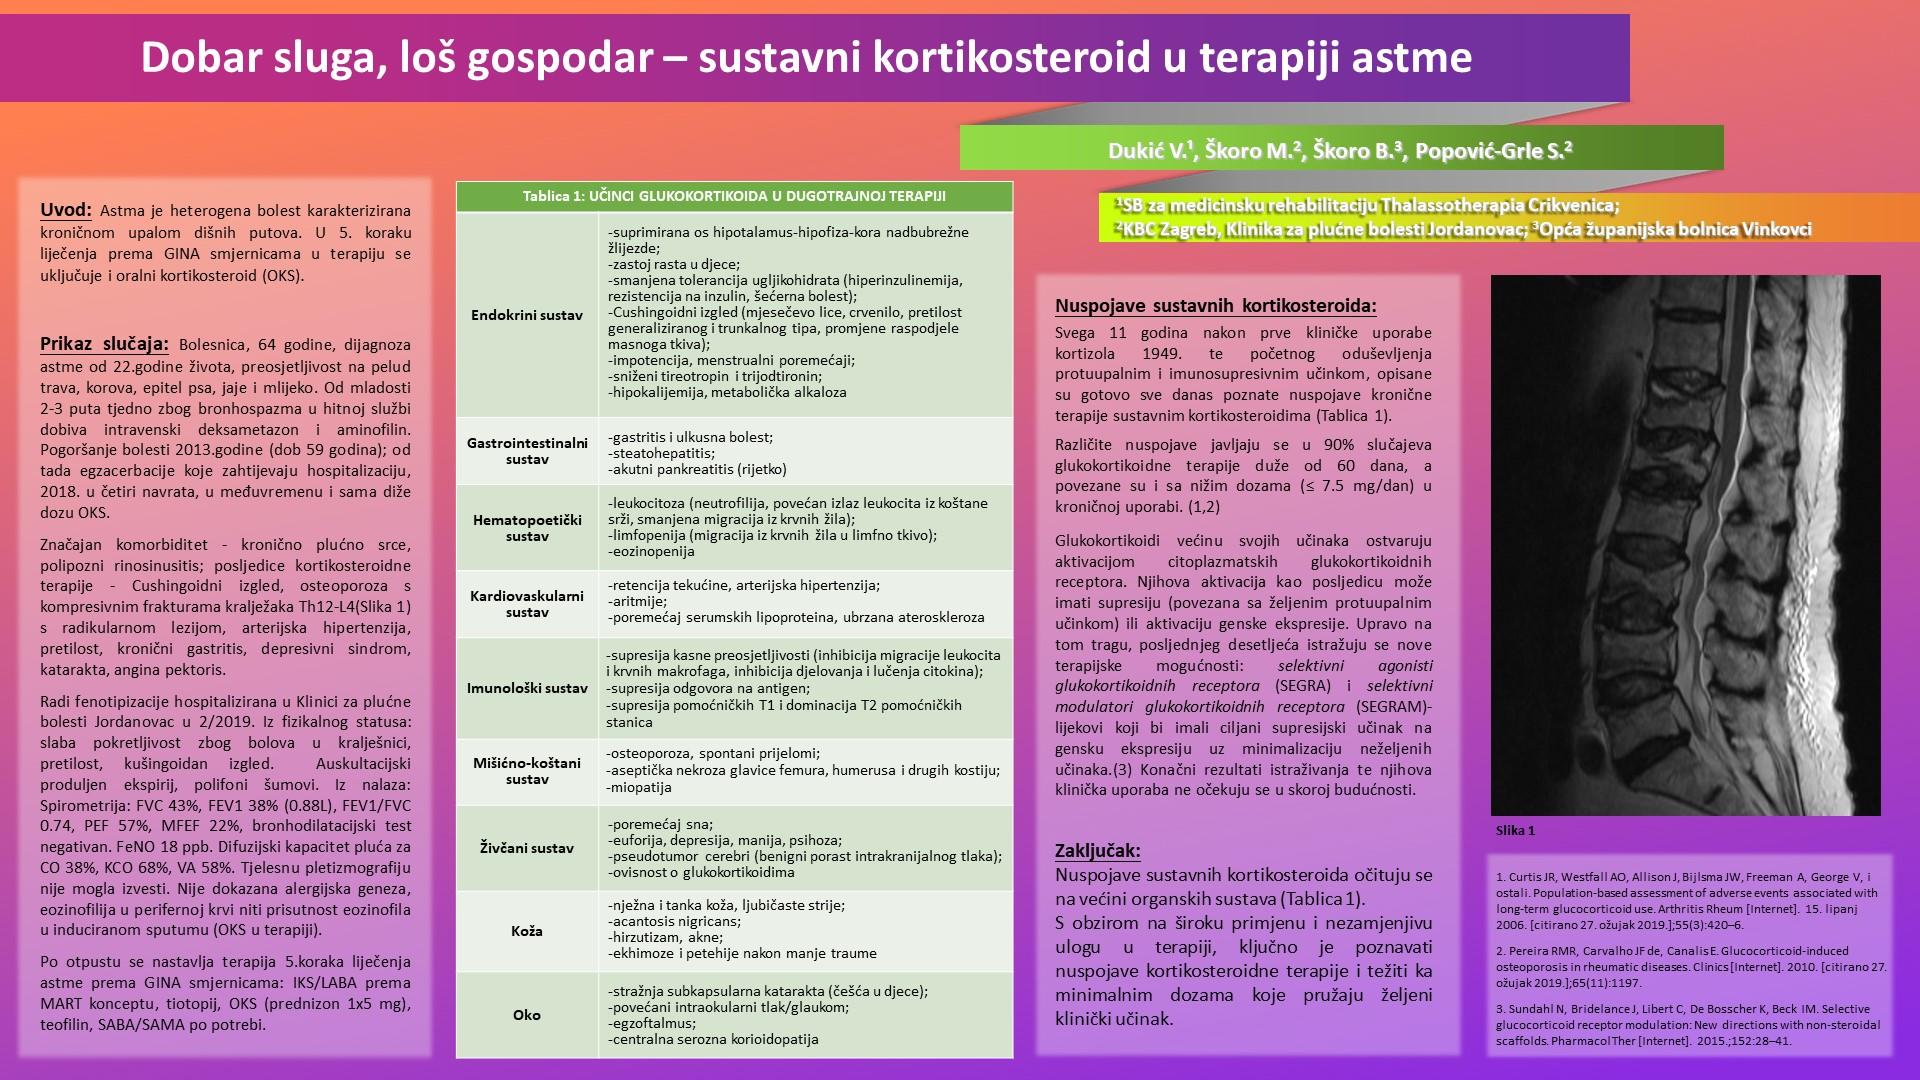 pankreatitis, hipertenzija ventrikularne hipertenzija